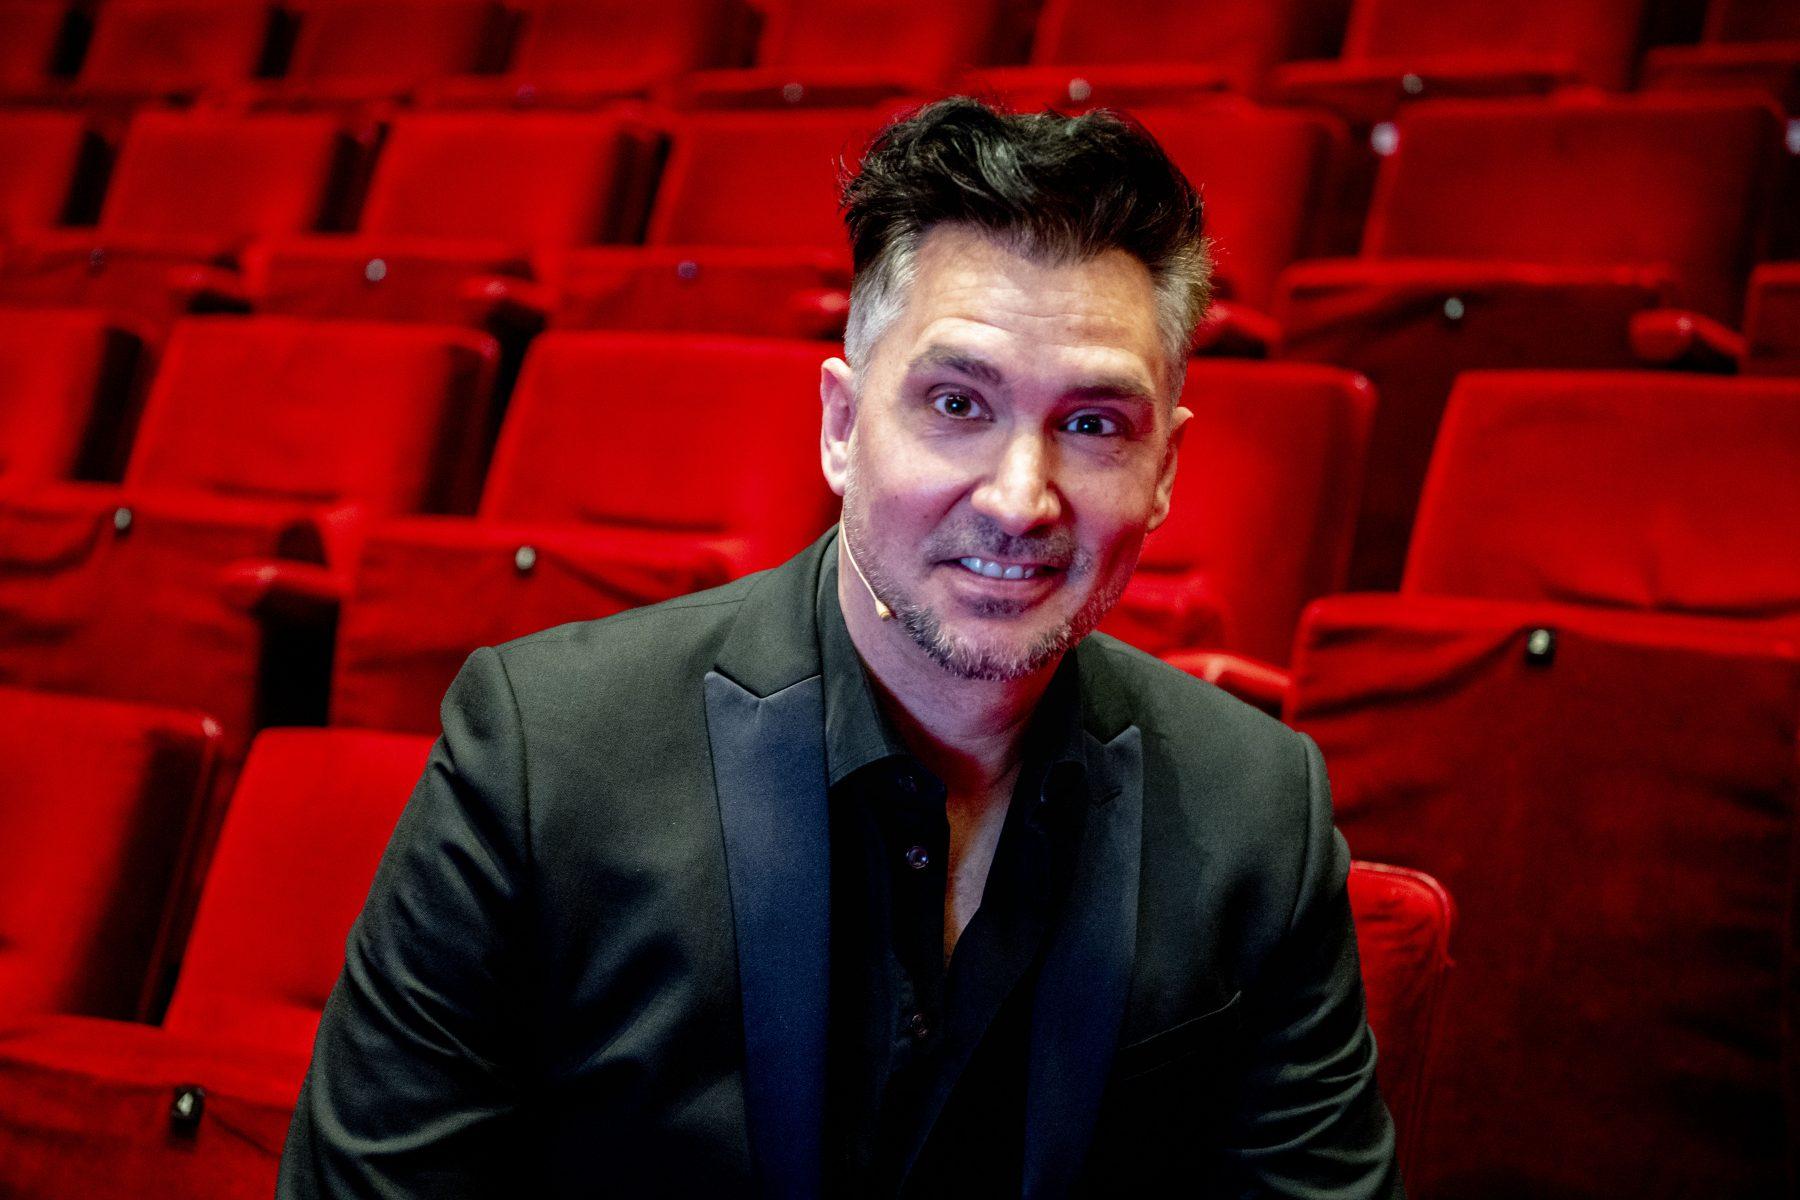 Guido Weijers: 'Theaterversoepelingen lijken positiever op papier'